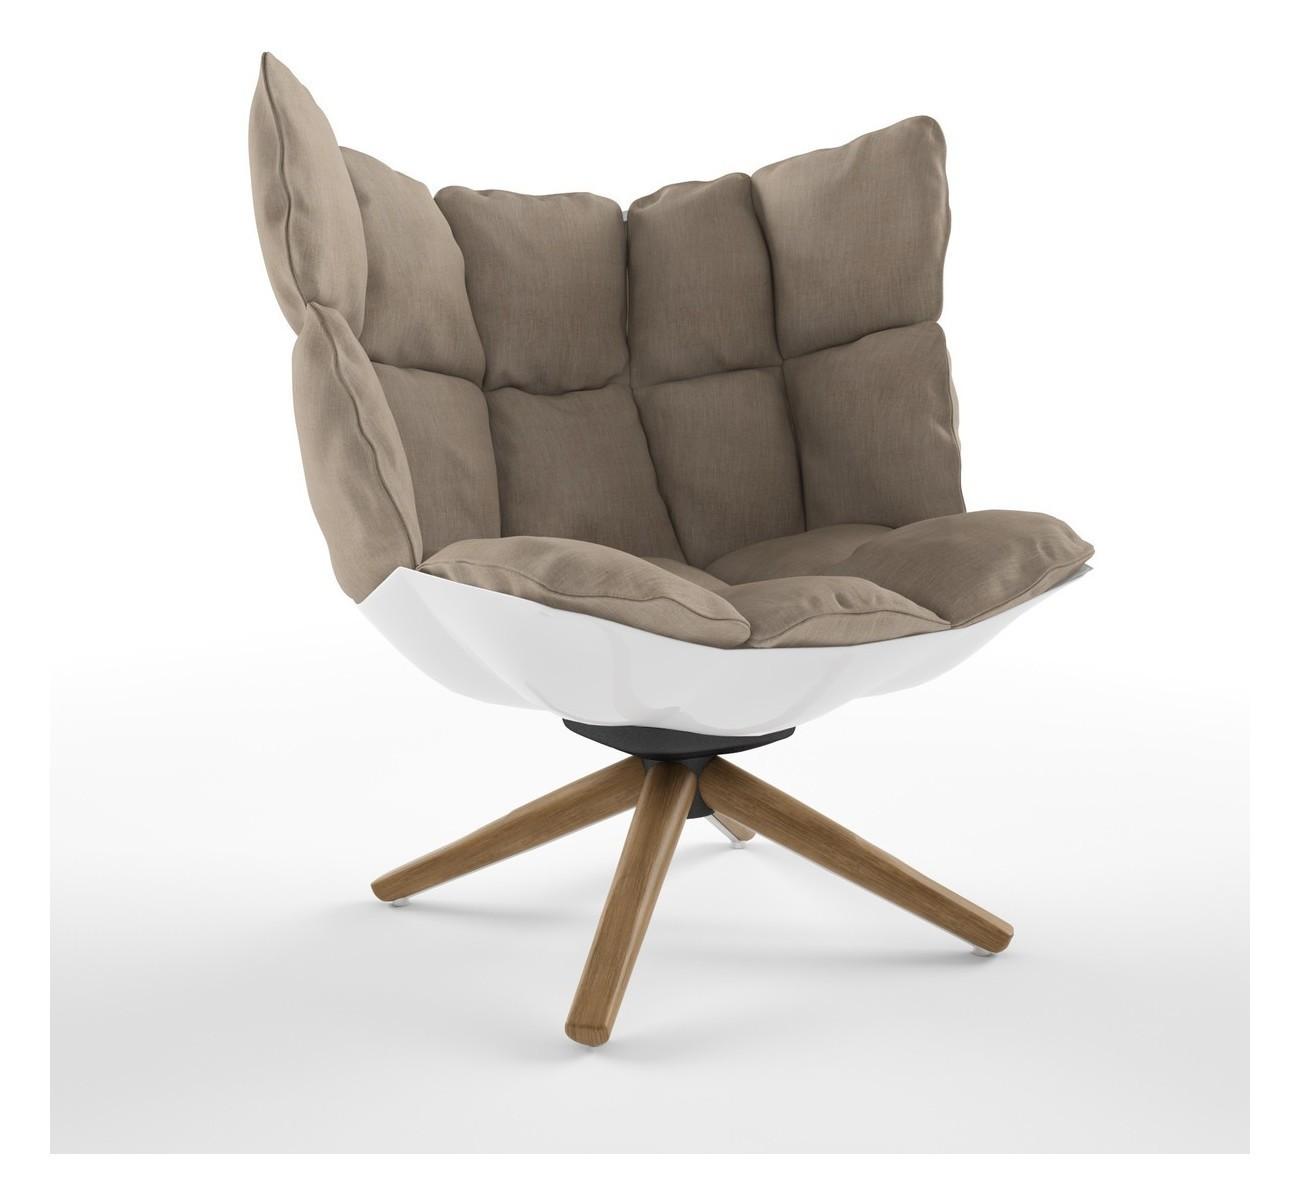 Husk Outdoor Chair